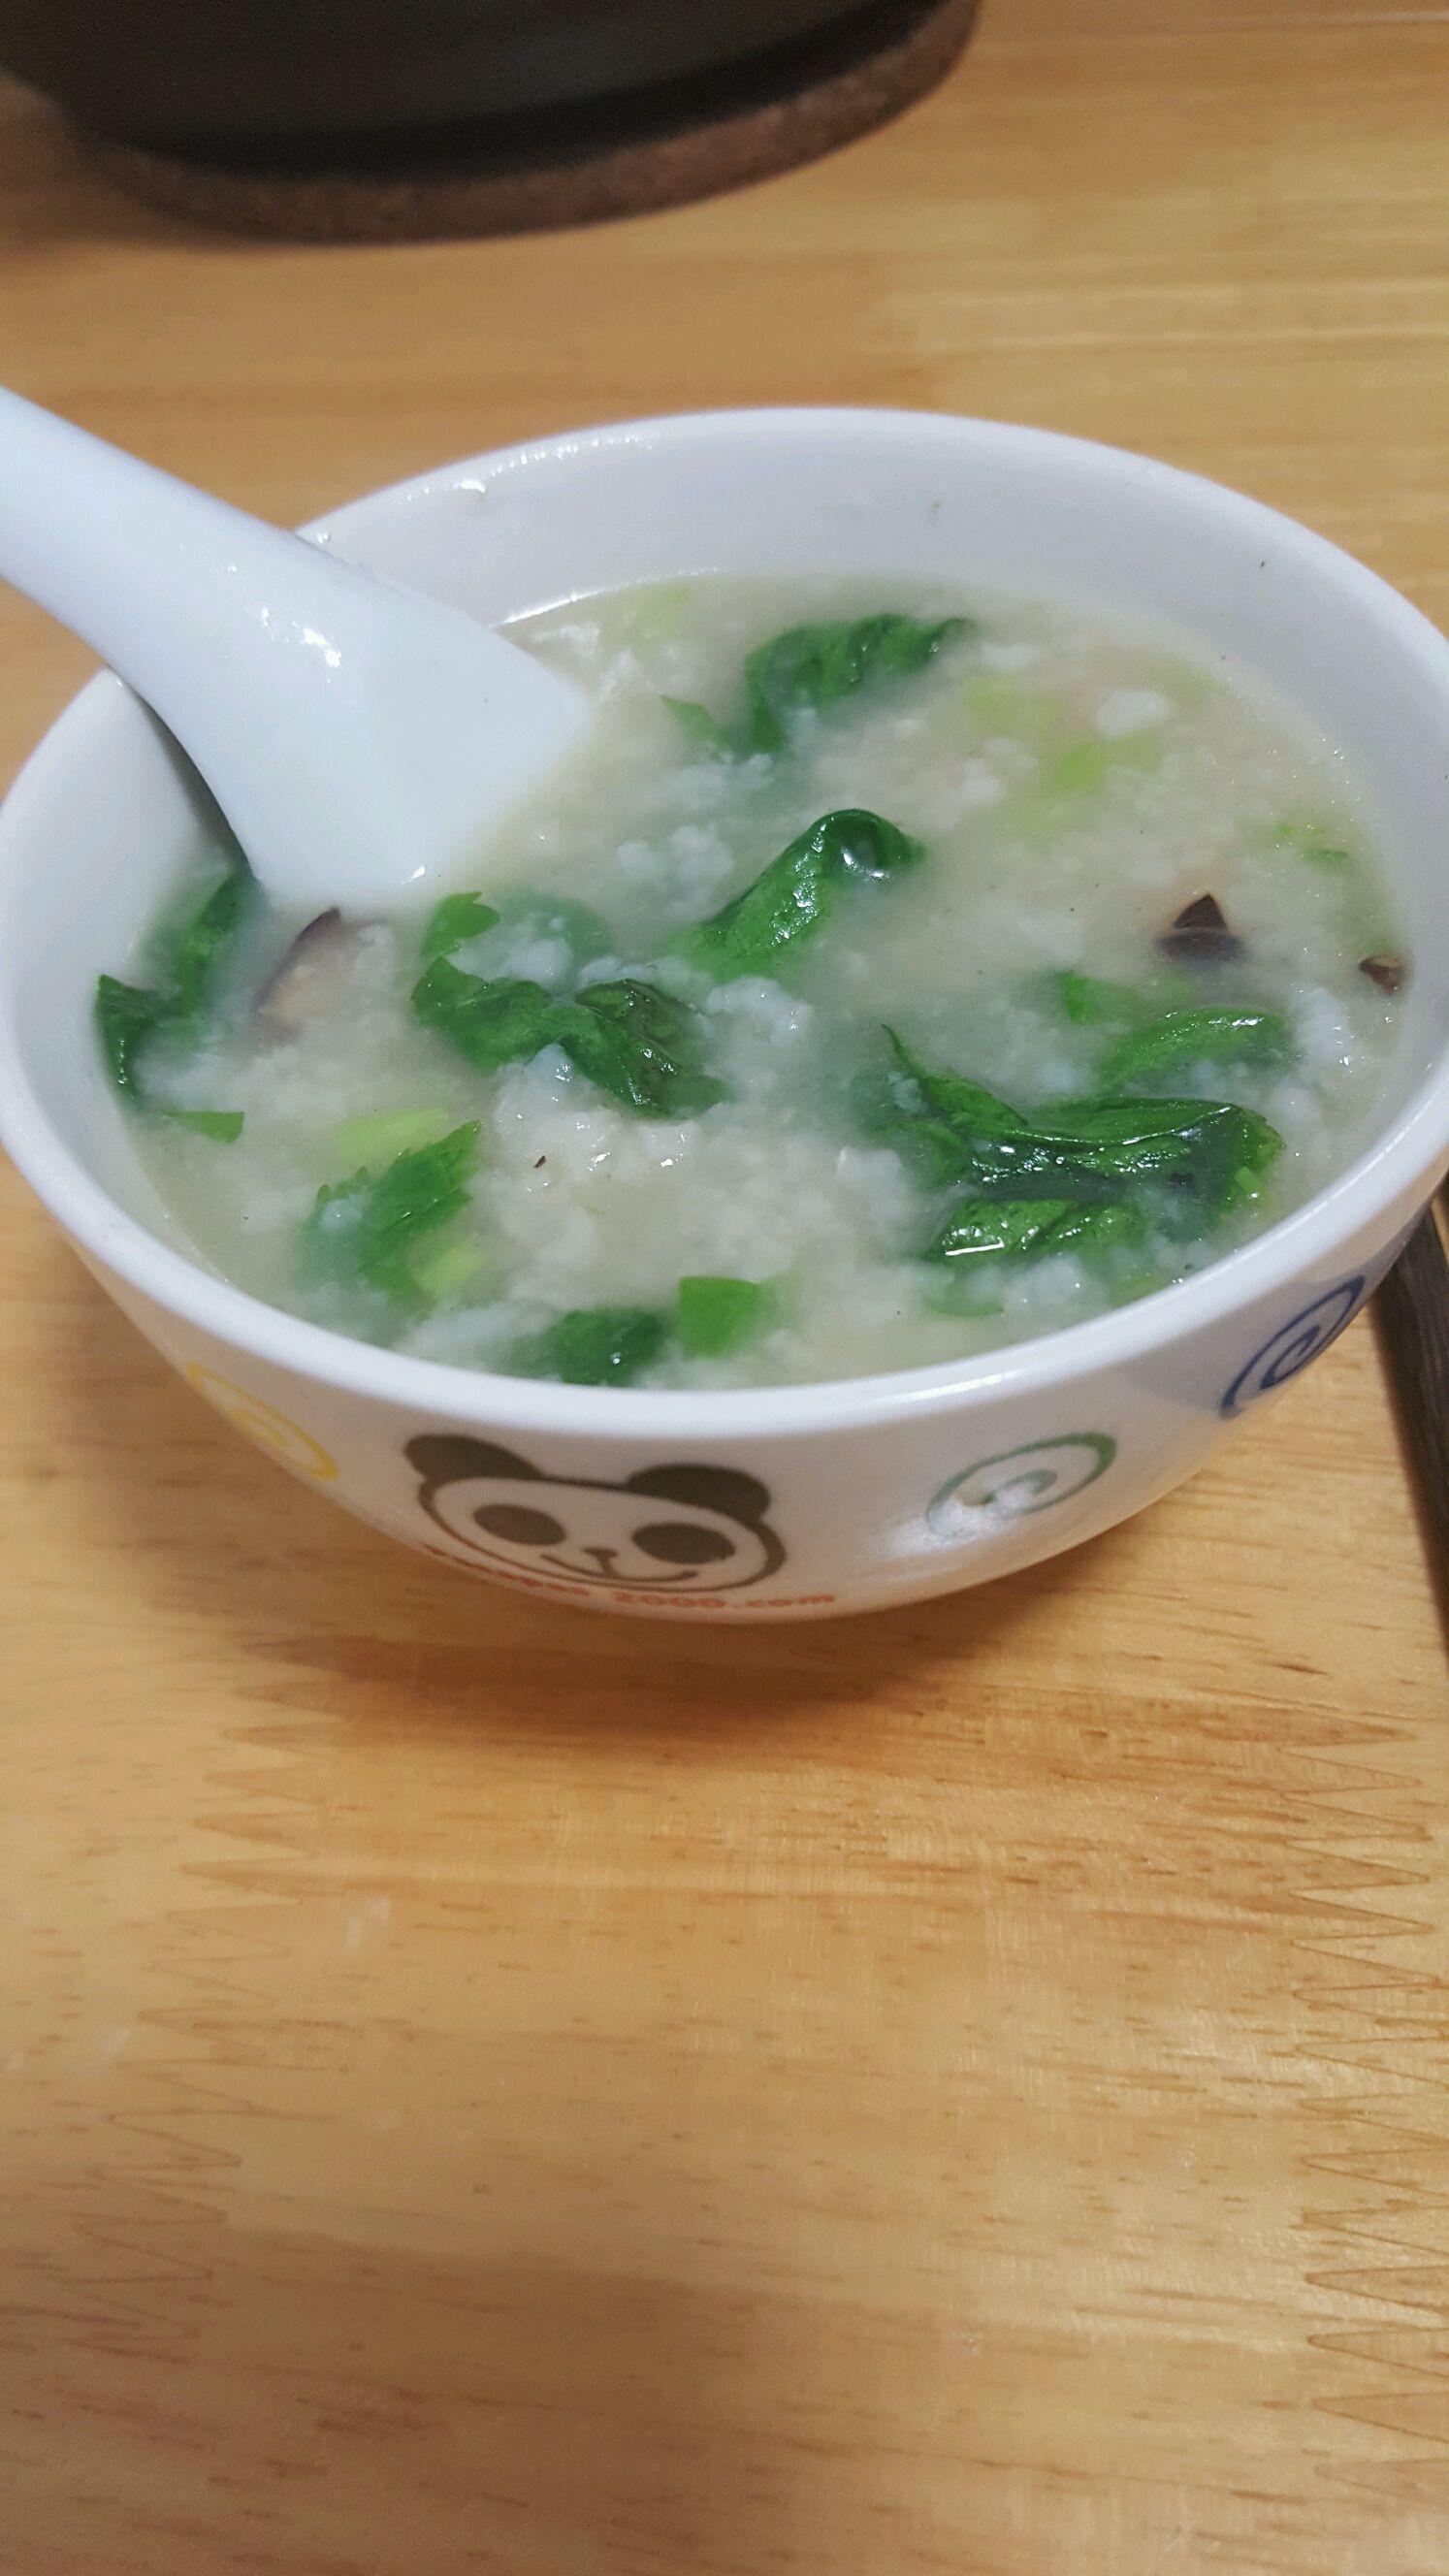 炒菜煲汤临锅时加入提鲜不口干 潮州砂锅粥之鸡粥的做法步骤 小贴士